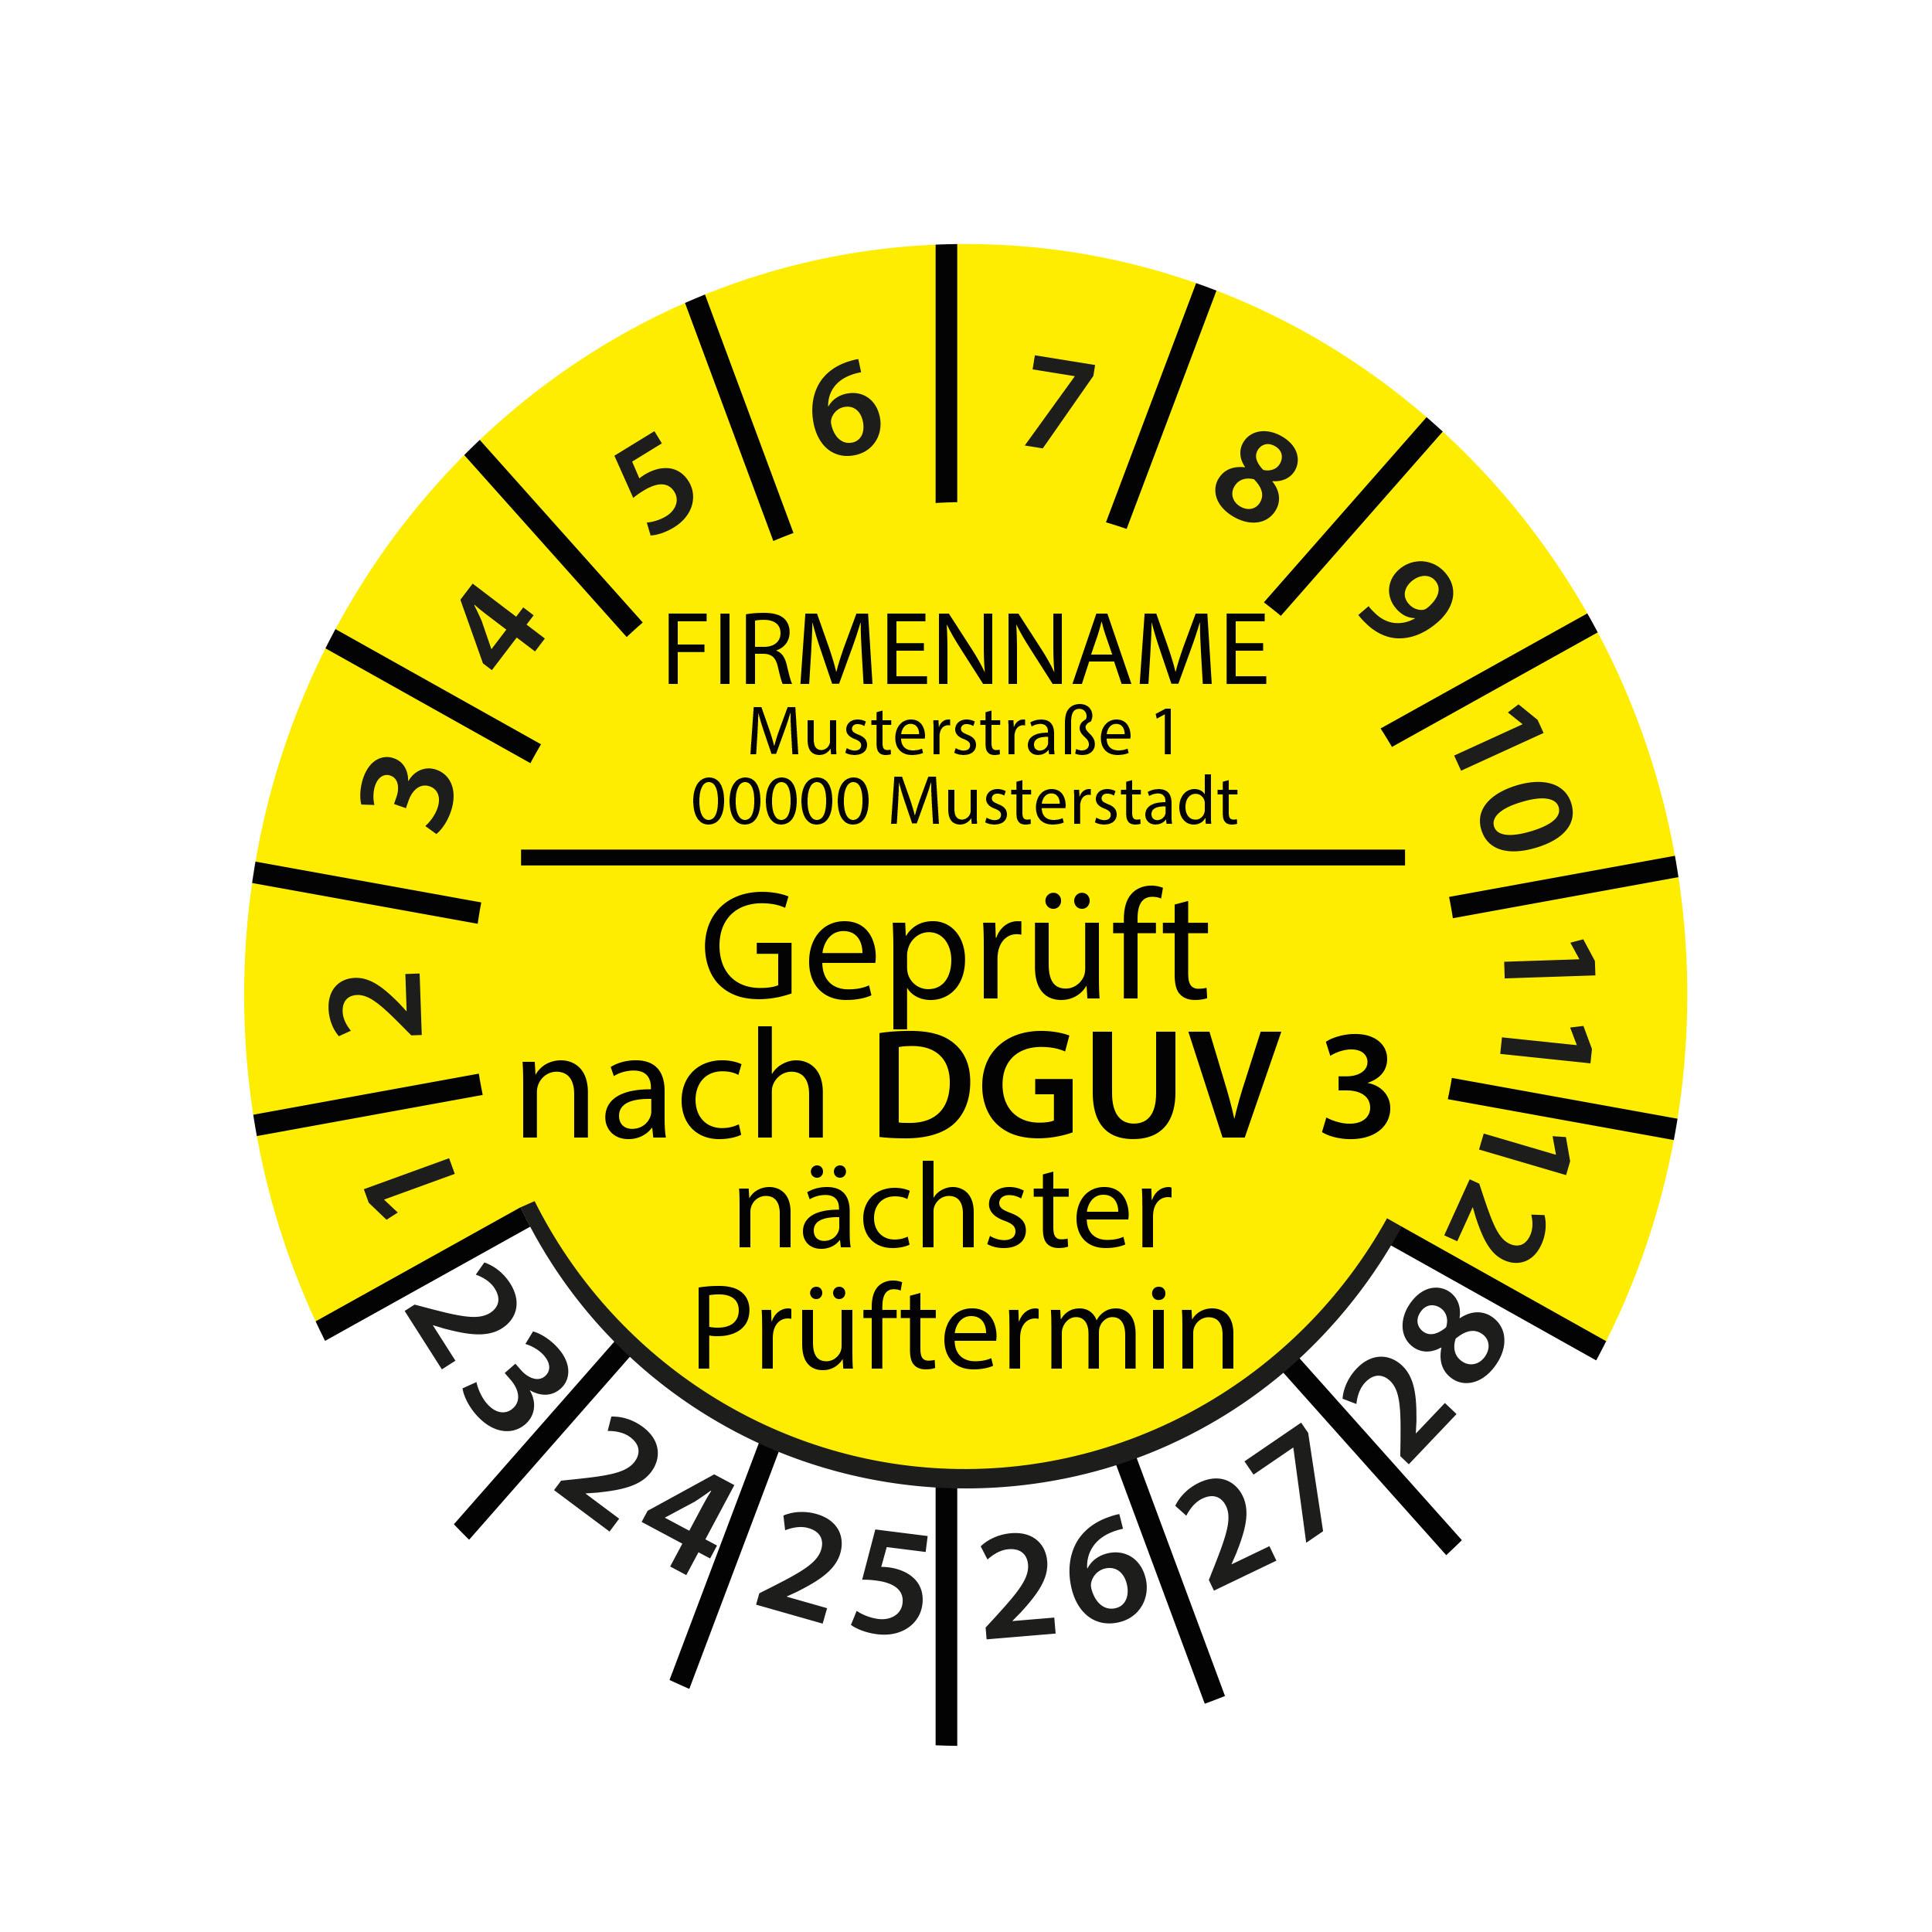 Prüfplakette mit Firmenname - geprüft nach DGUV Vorschrift 3 nächster Prüftermin 2023-2028 Ø 30mm Rund Gelb / Blau